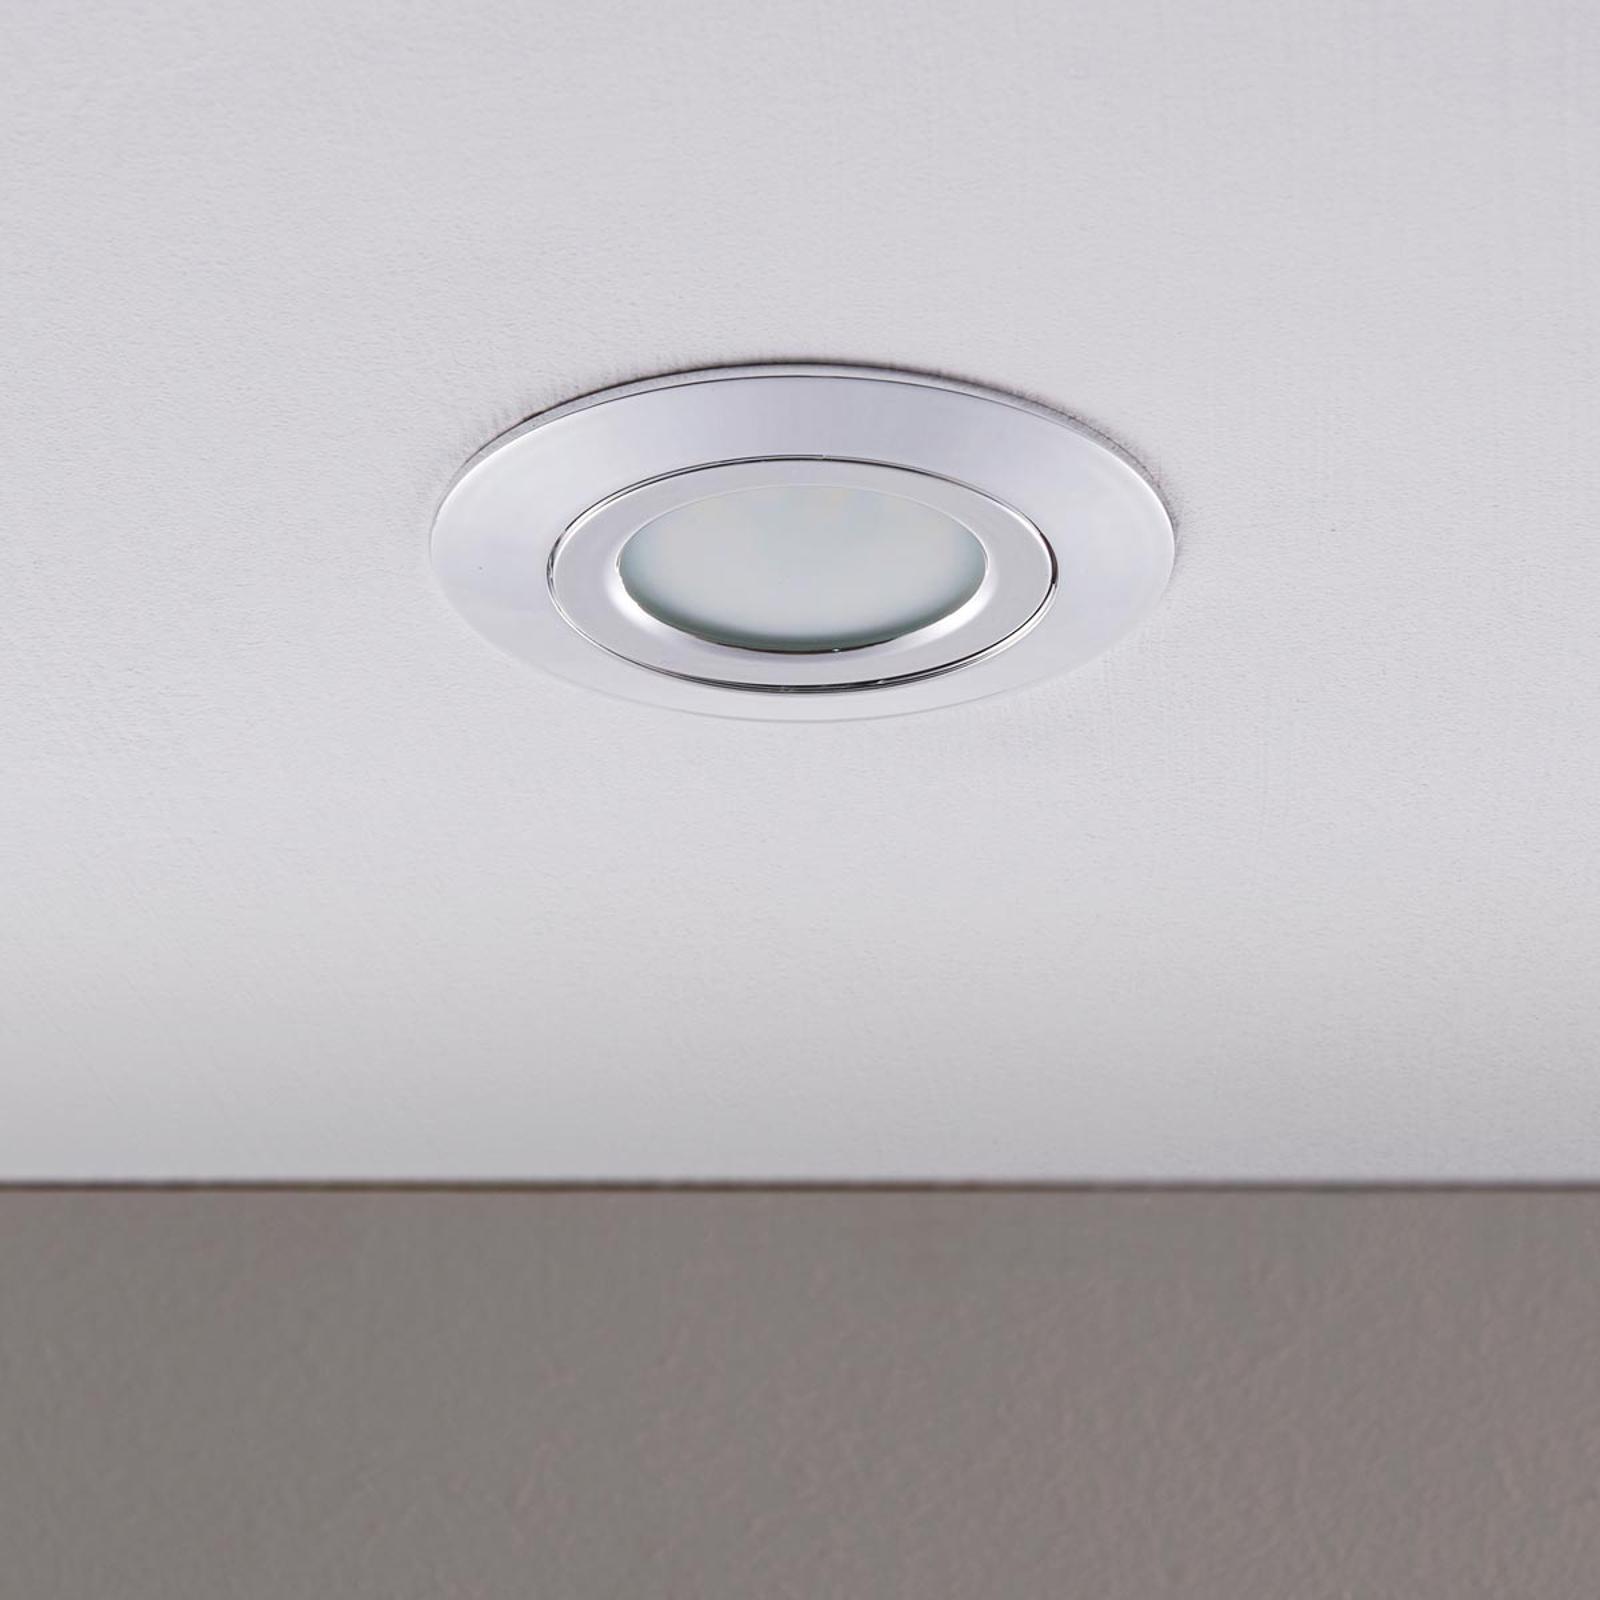 LED-Einbaustrahler Andrej, rund, chrom